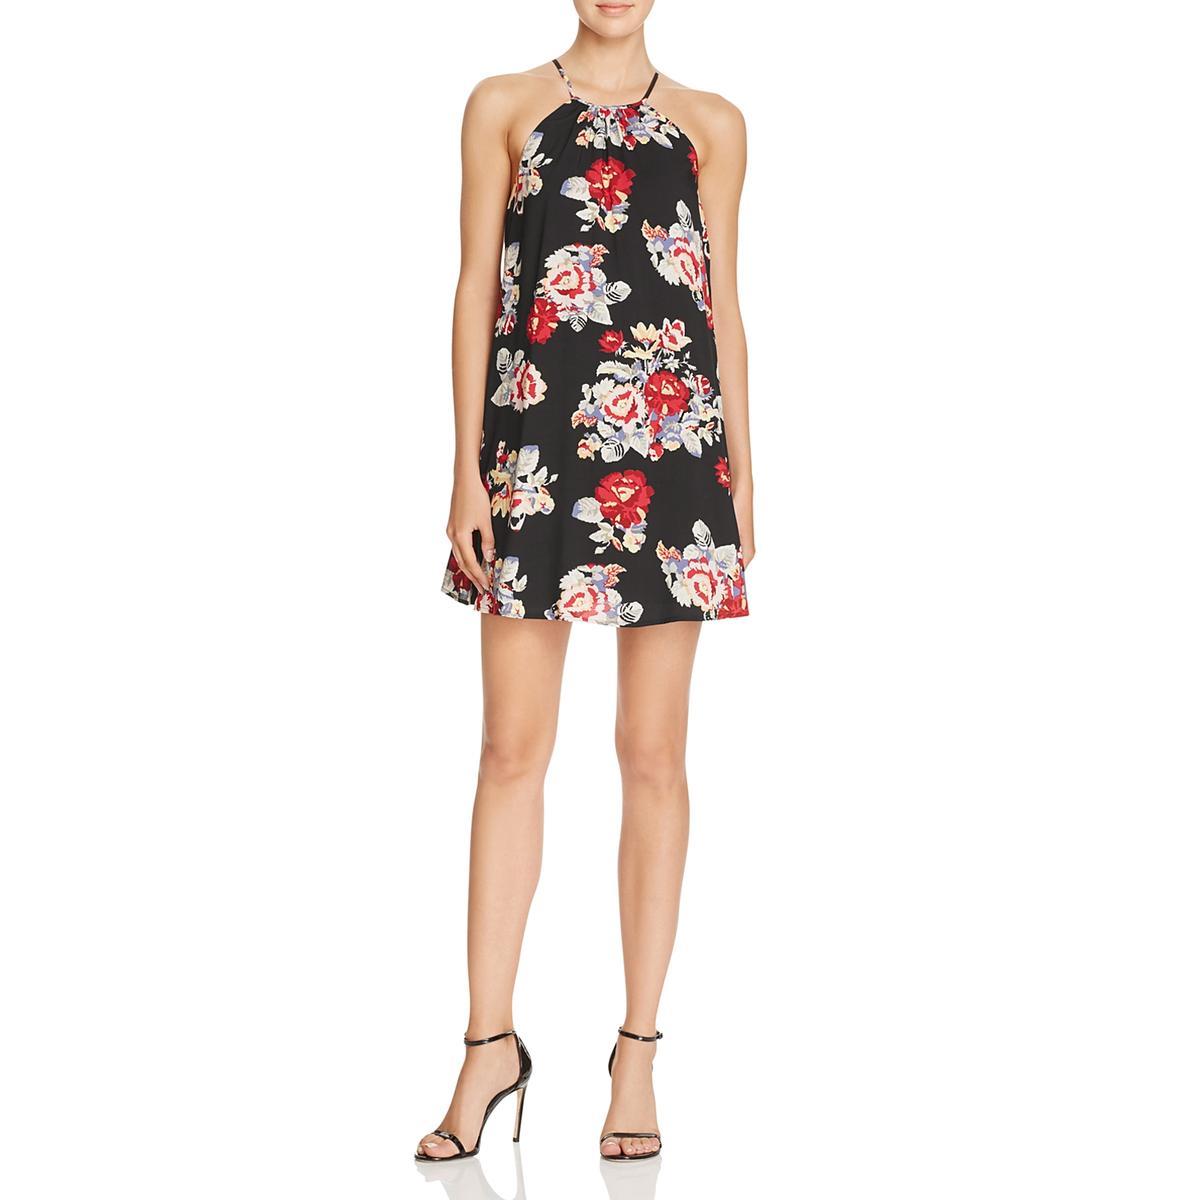 0b083a9b6aa31 Details about Minkpink Womens Black Floral Print Halter Swing Mini Dress XS  BHFO 9203